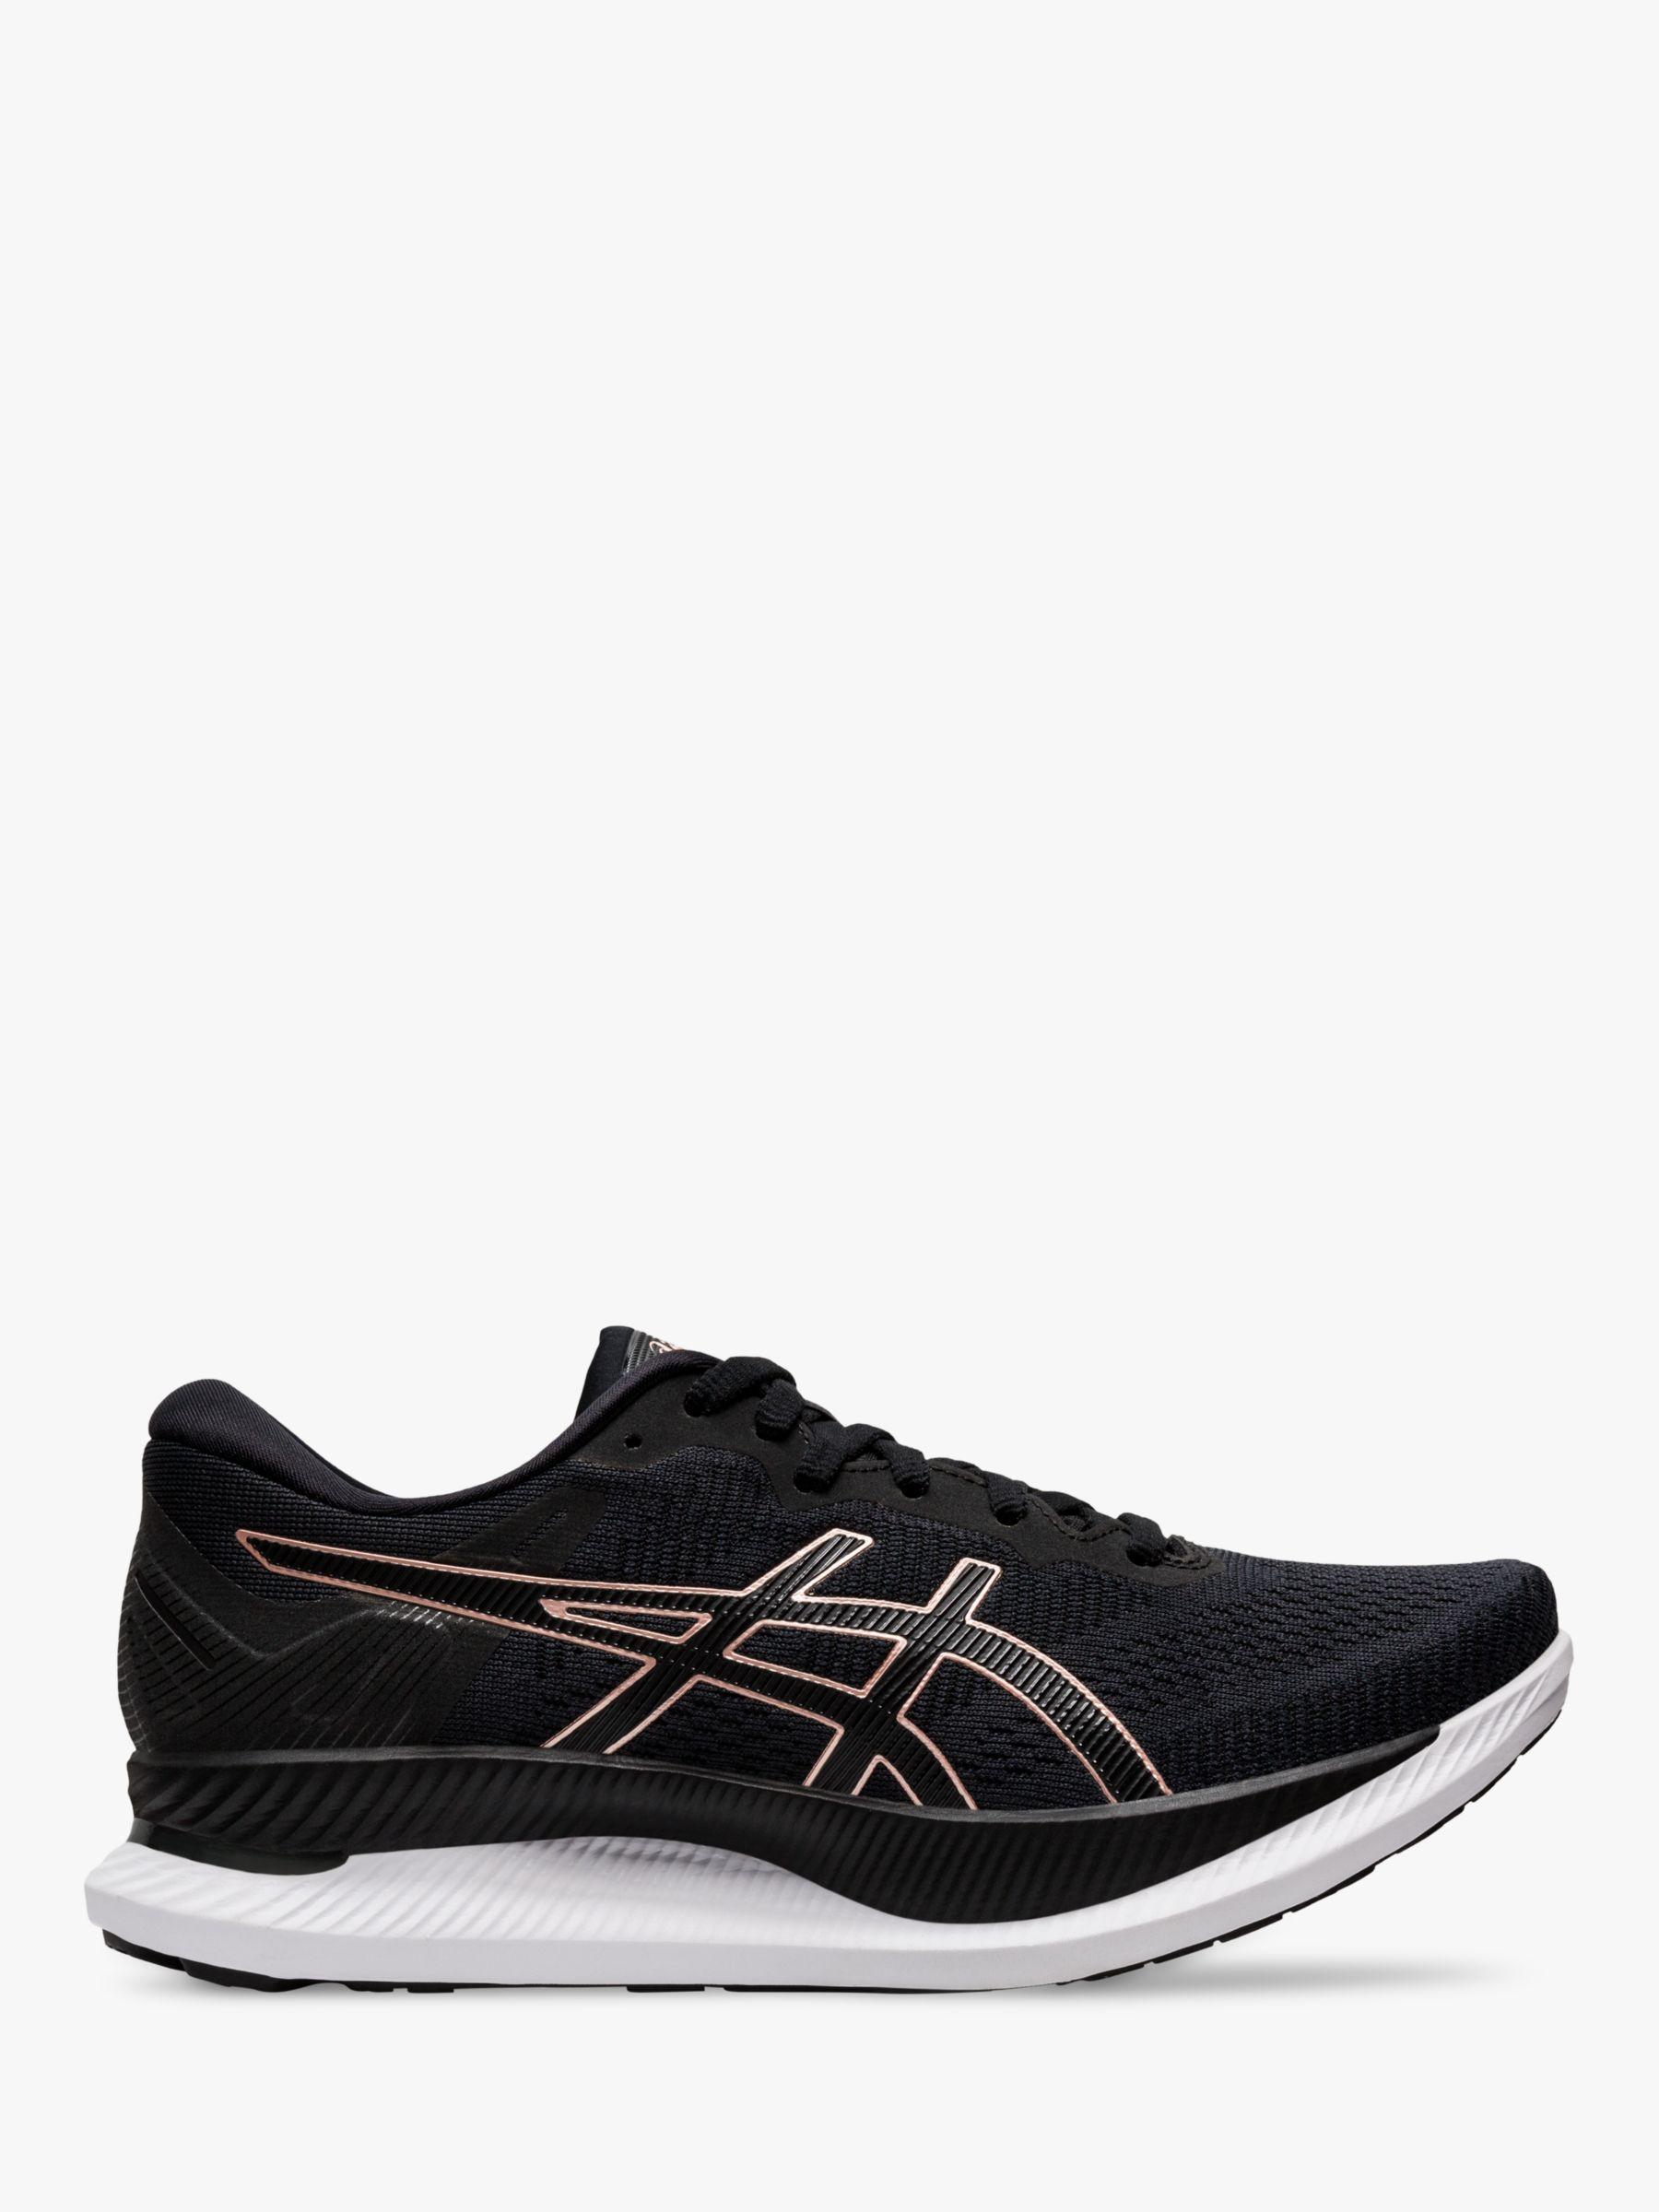 ASICS ASICS GLIDERIDE Women's Running Shoes, Black/Rose Gold